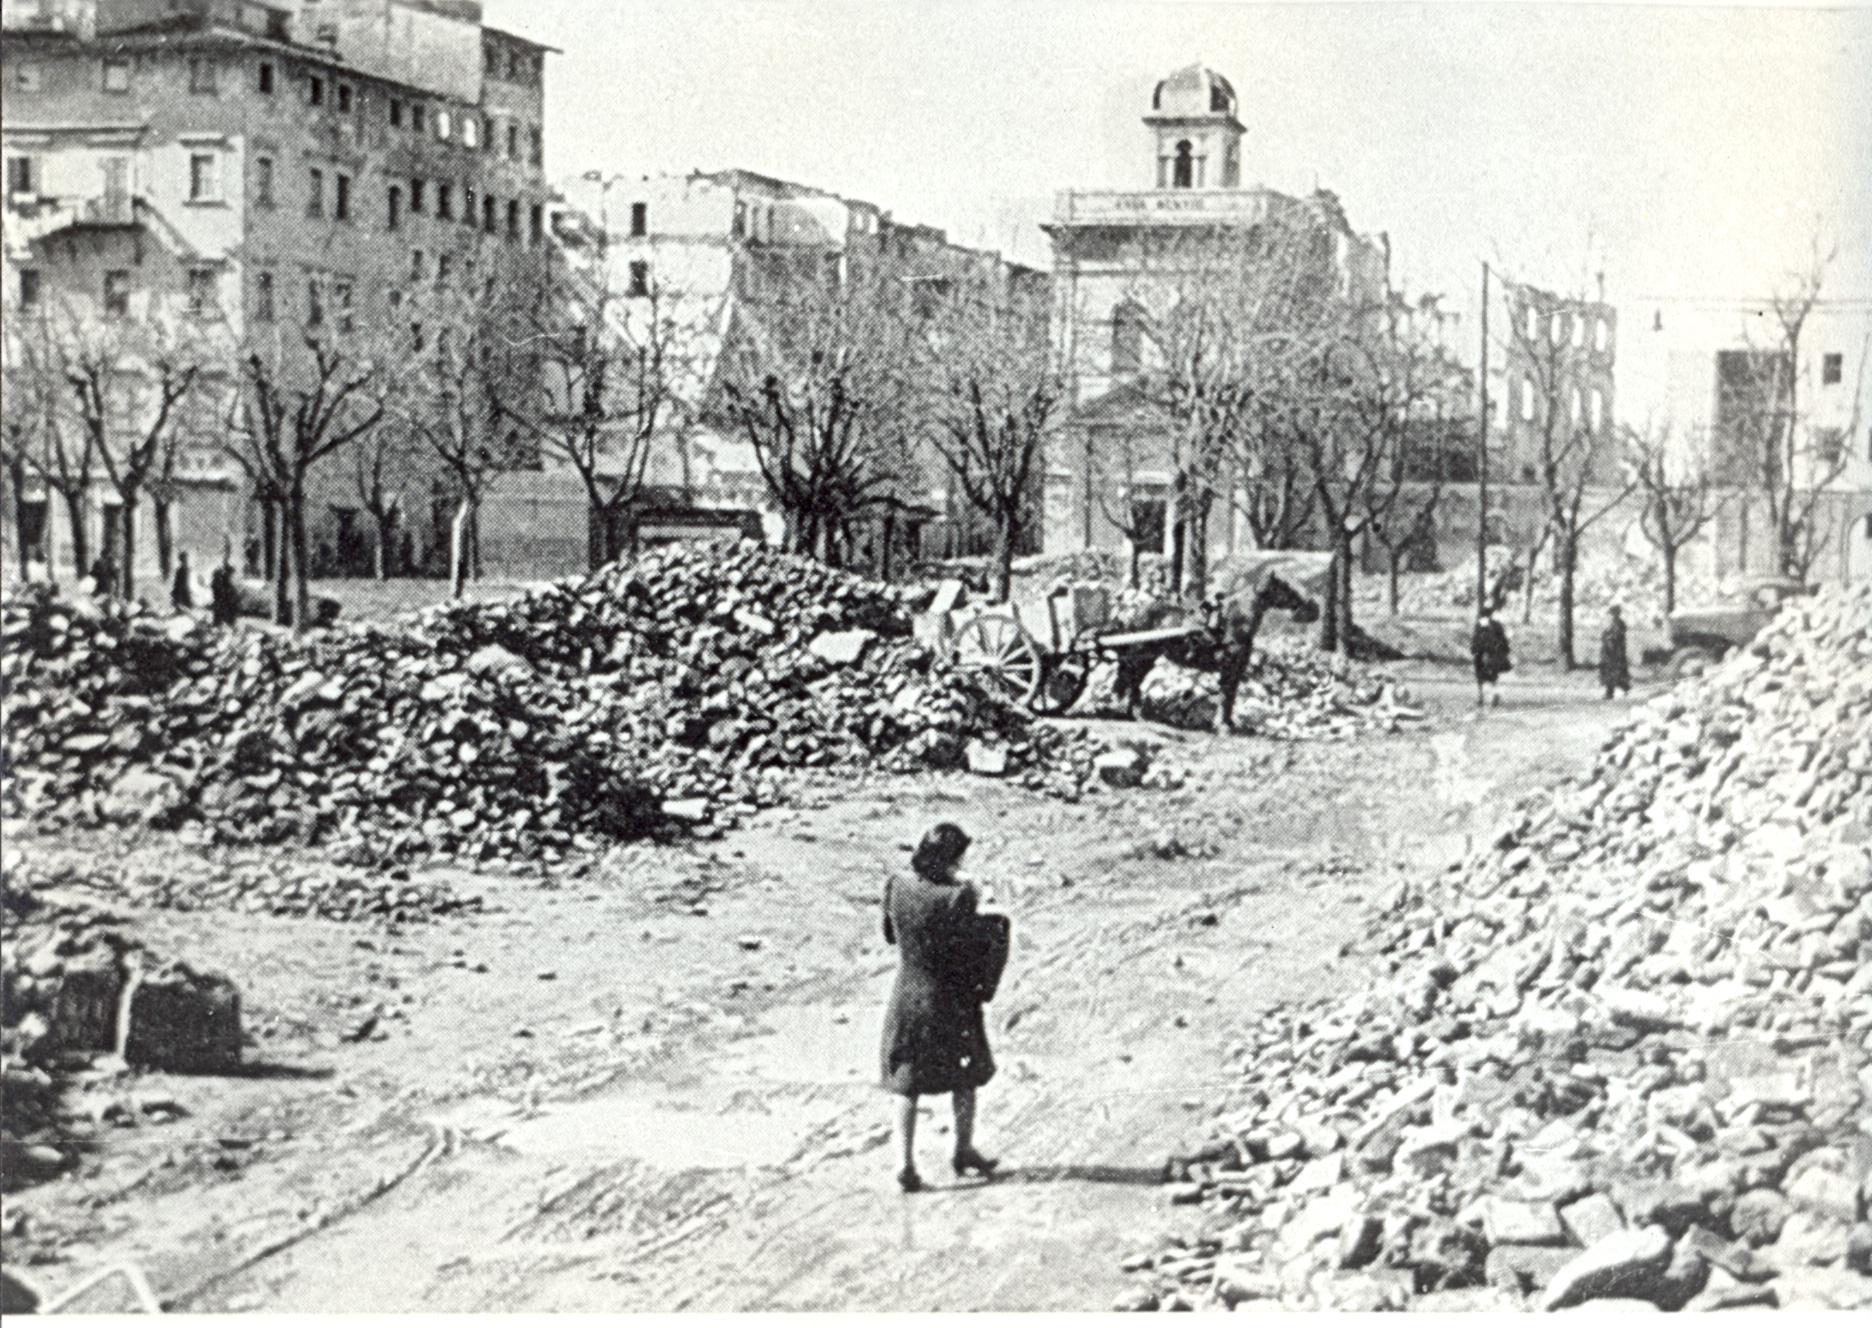 Via del Giardino a Livorno distrutta dalle bombe (Collezione fotografica Sandonnini, Archivio Istoreco Livorno)